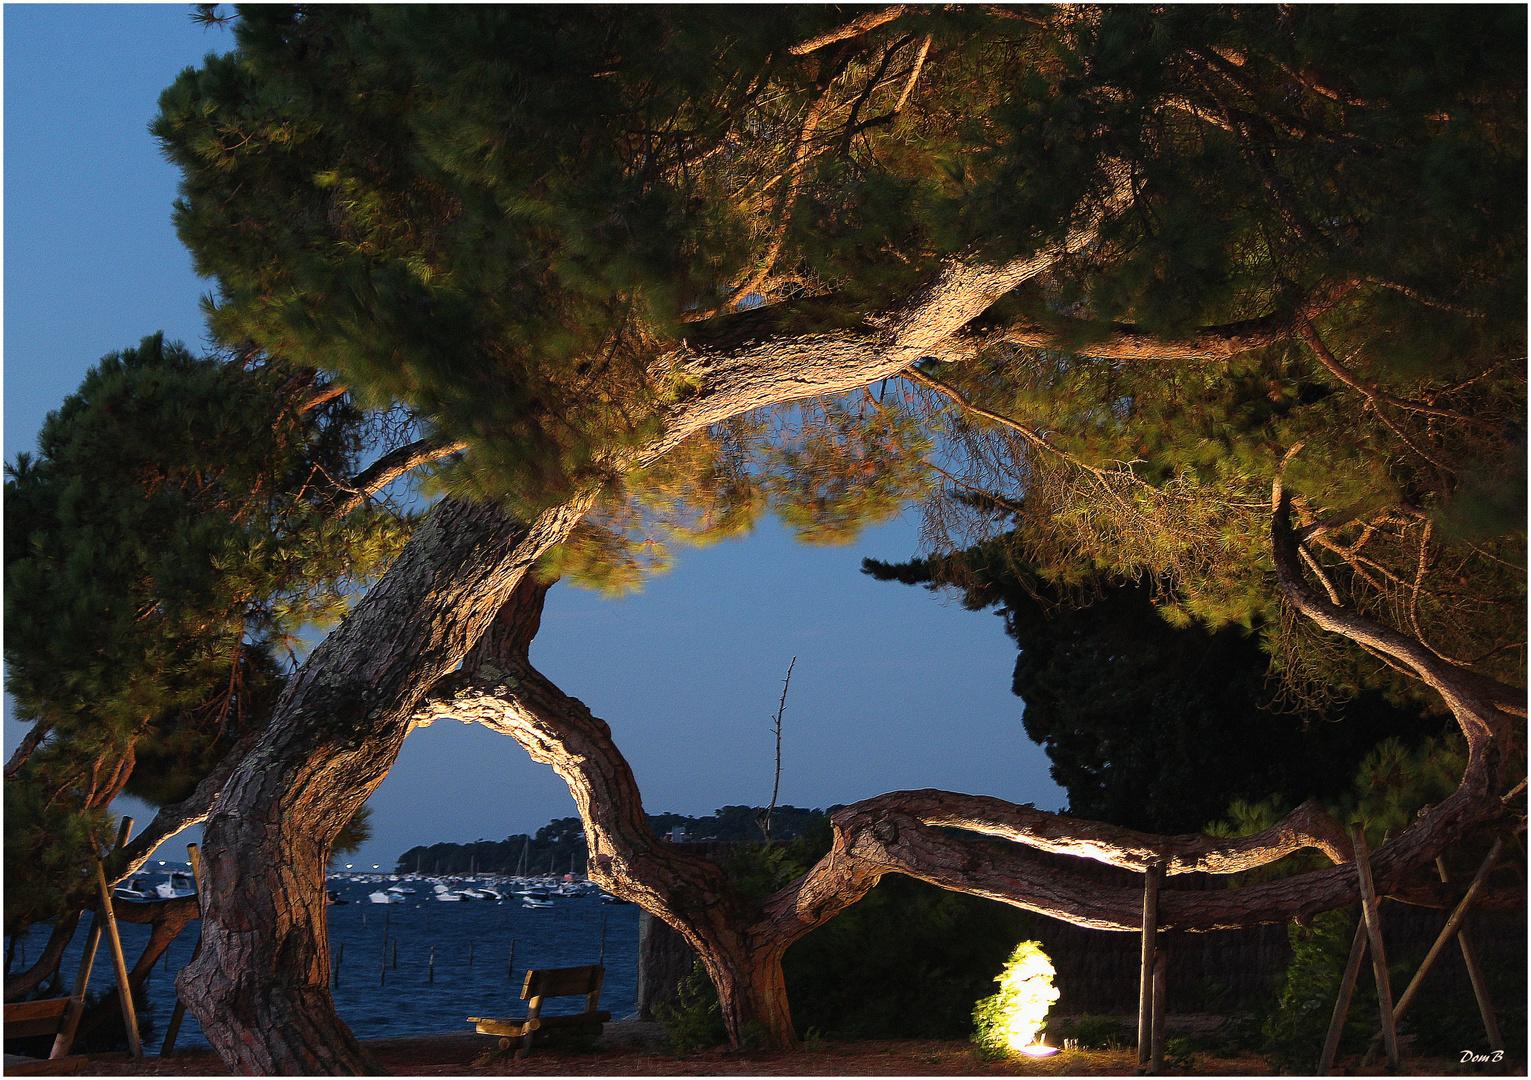 L'arbre - face à la chapelle algérienne - boulevard de la plage - Lège Cap Ferrer